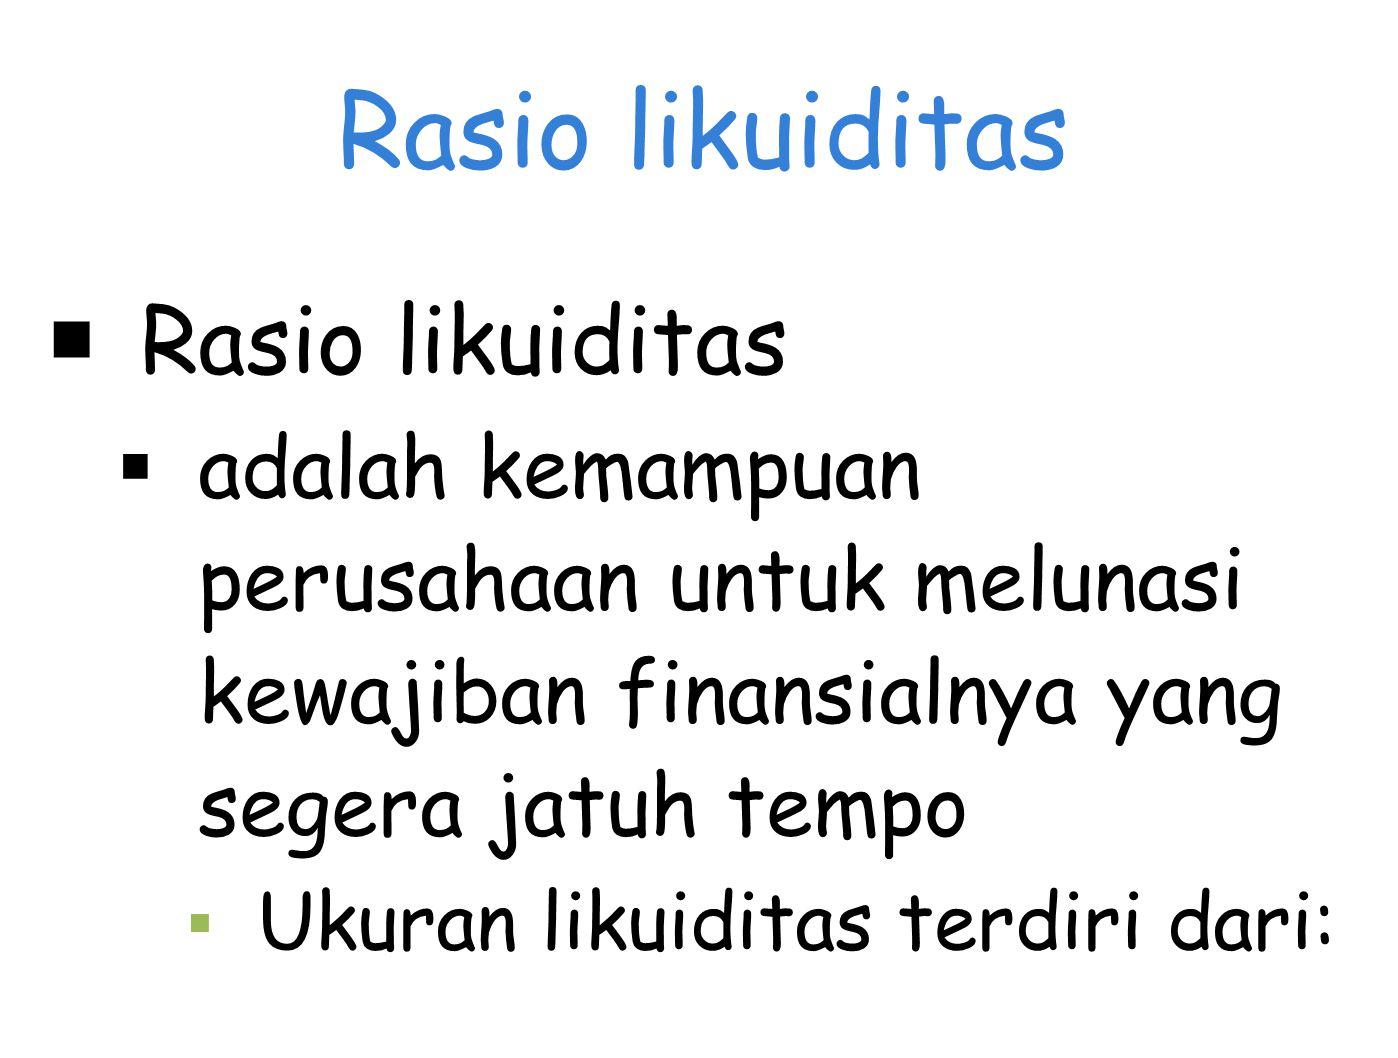 Rasio likuiditas  Rasio likuiditas  adalah kemampuan perusahaan untuk melunasi kewajiban finansialnya yang segera jatuh tempo ▪ Ukuran likuiditas terdiri dari: